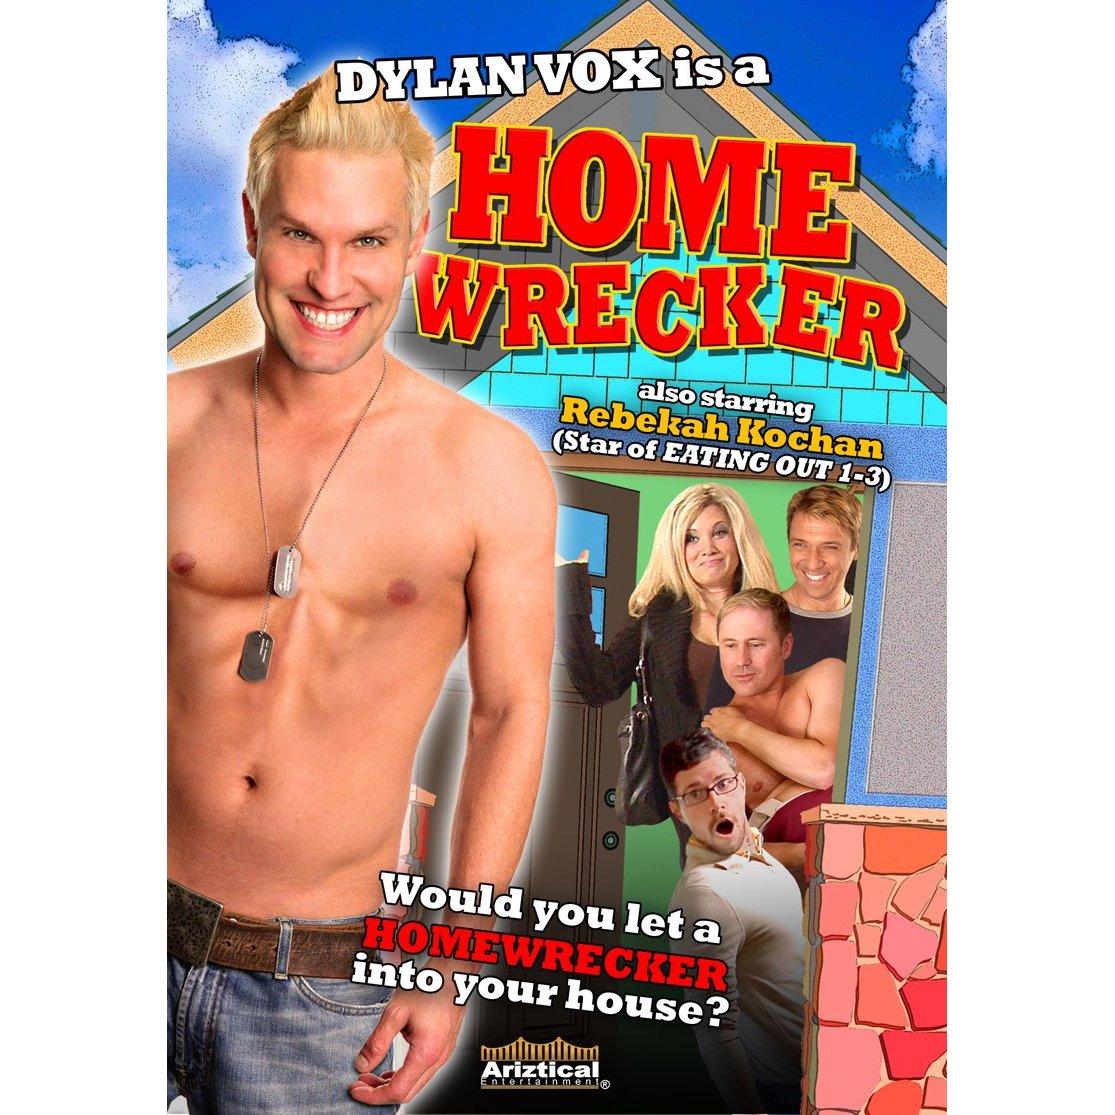 Homewrecker movie